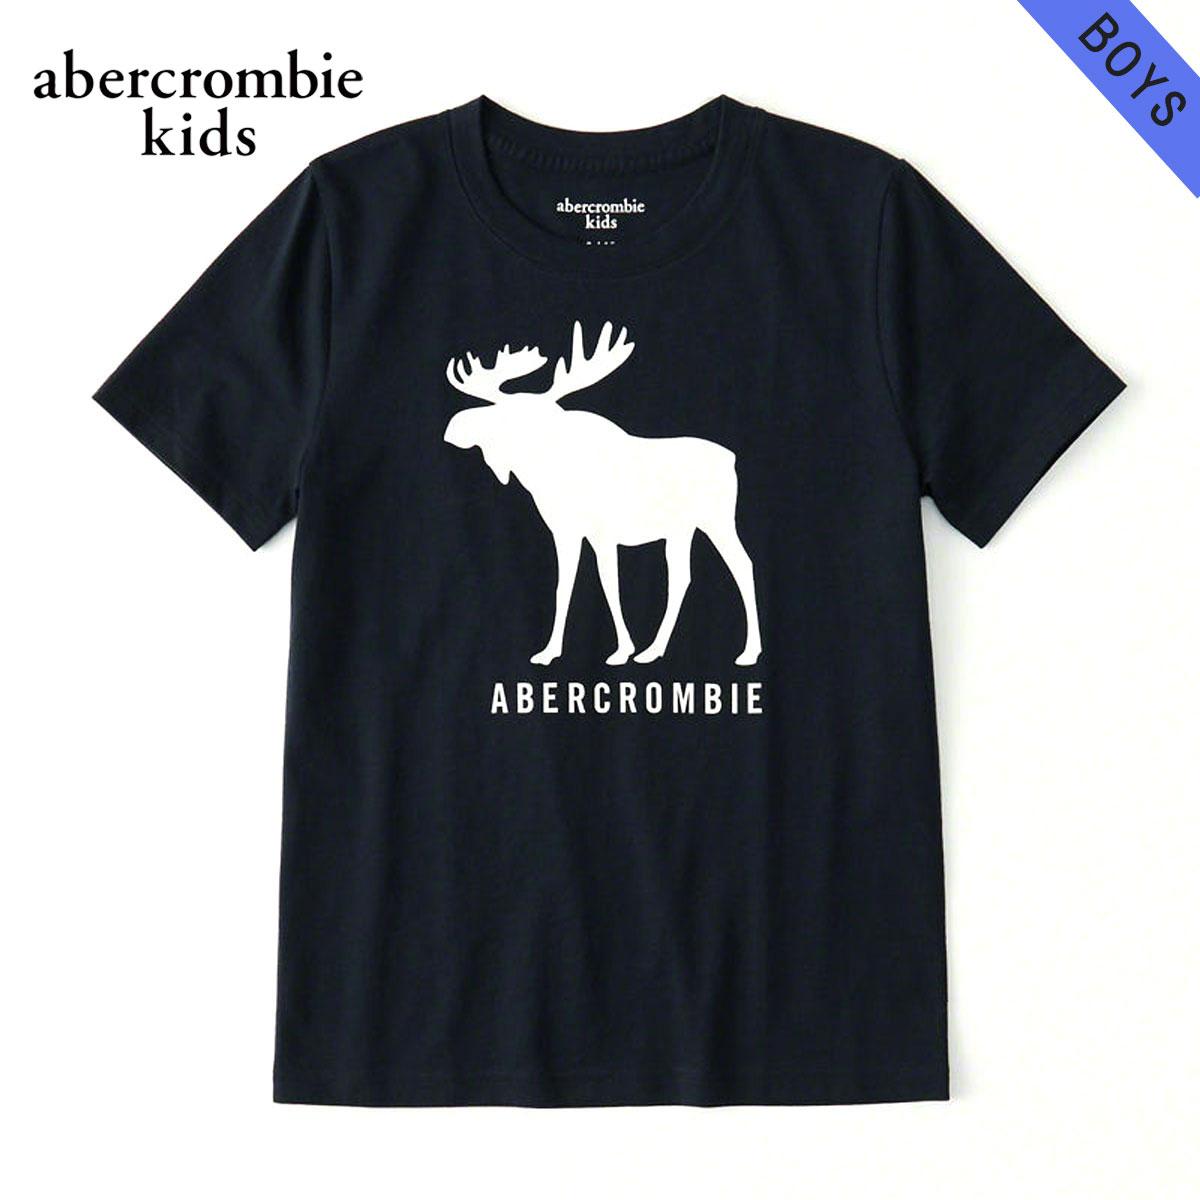 アバクロキッズ AbercrombieKids 正規品 子供服 ボーイズ 半袖Tシャツ color-changing graphic tee 257-891-0103-023